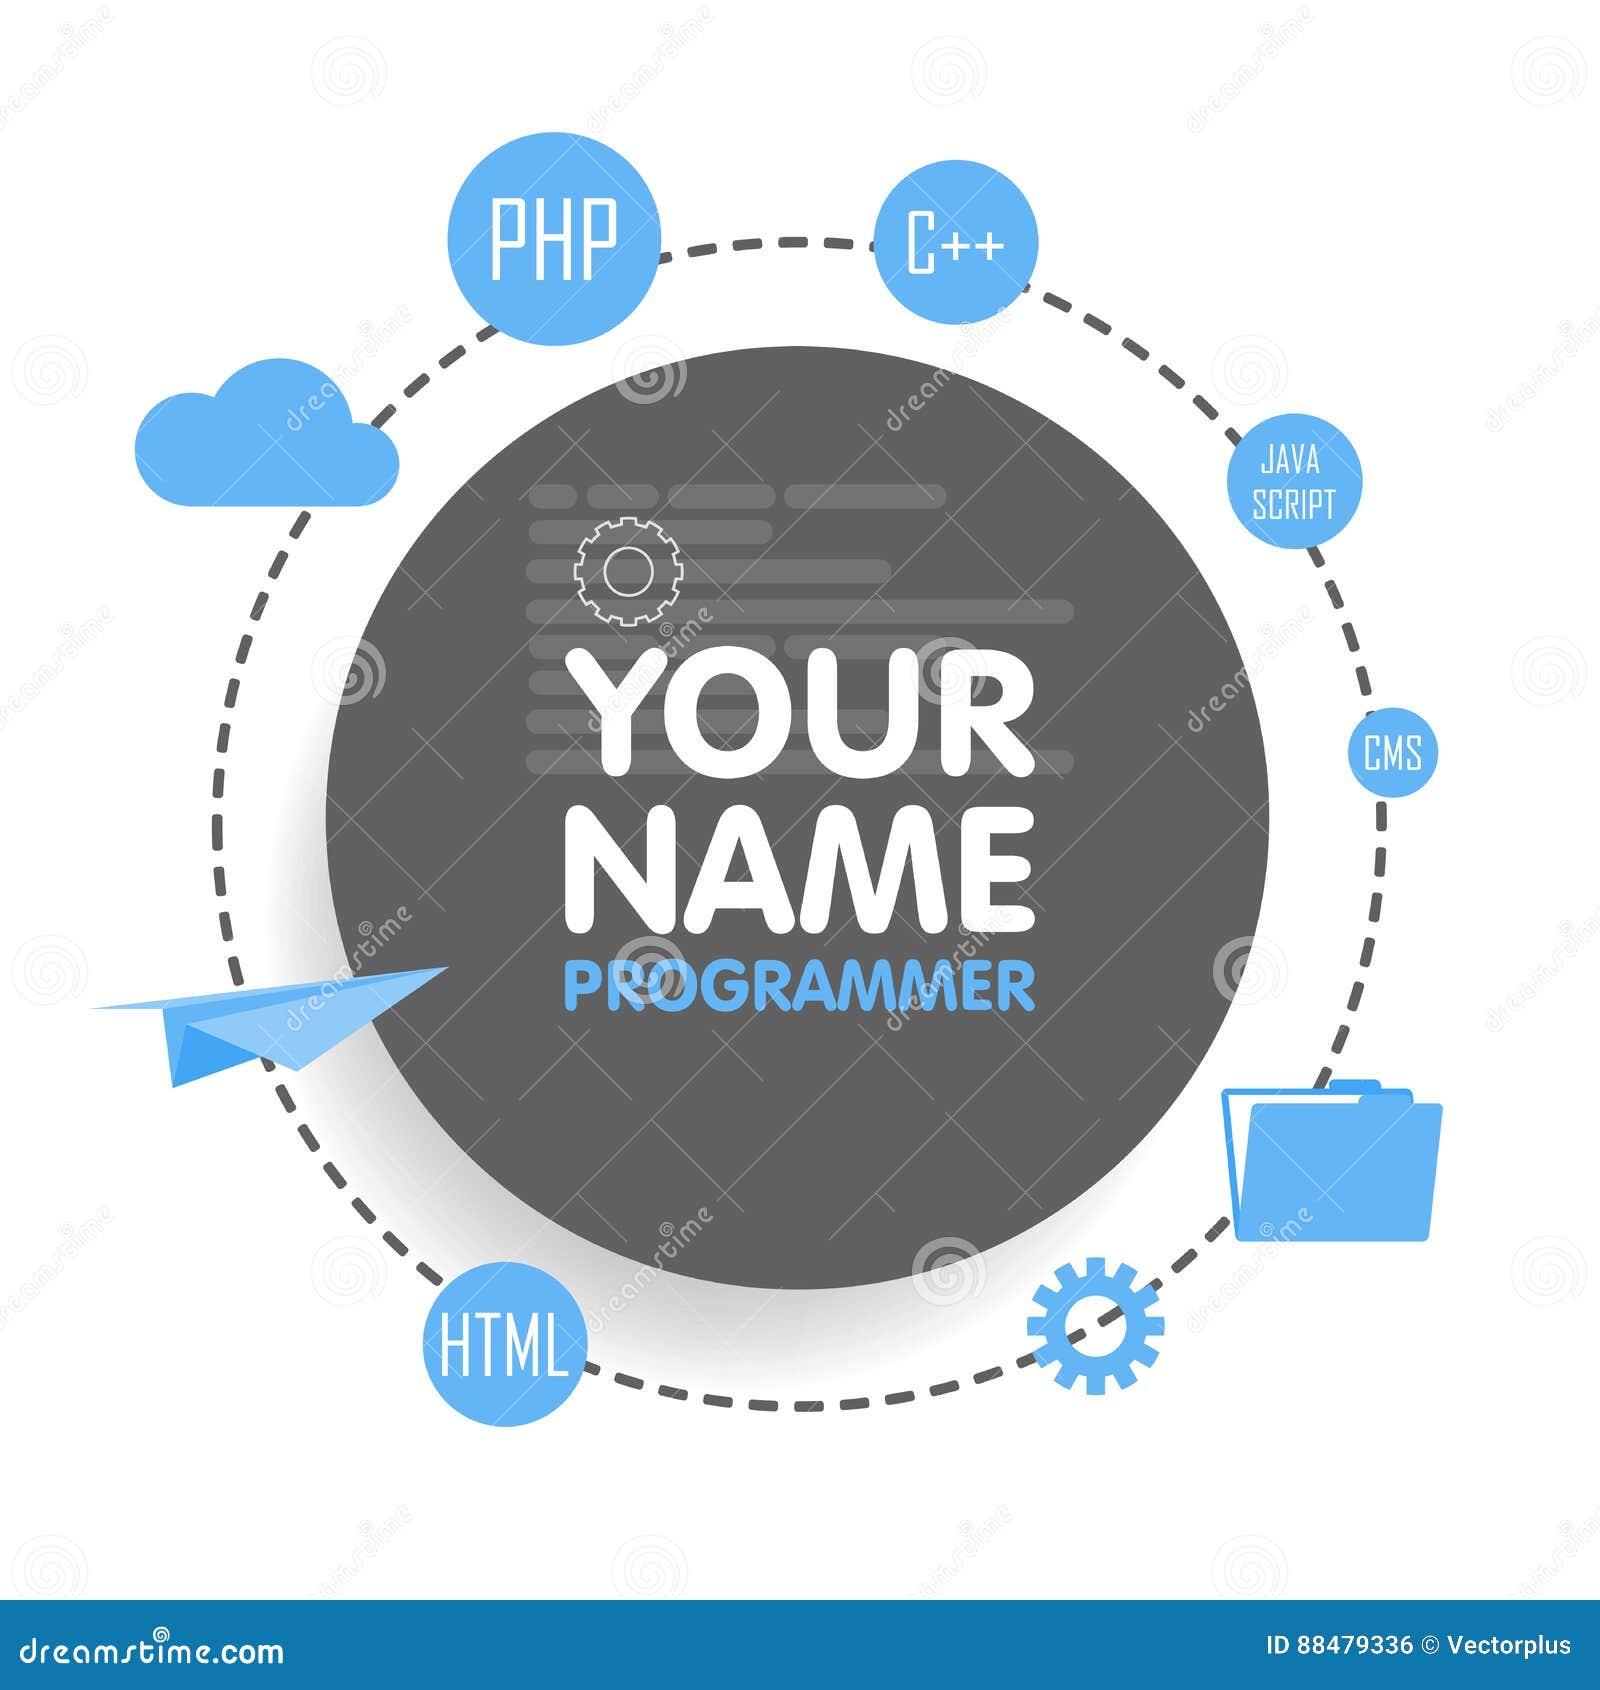 Developer Avatar: Social Network Programmer Avatar. Place For Your Name